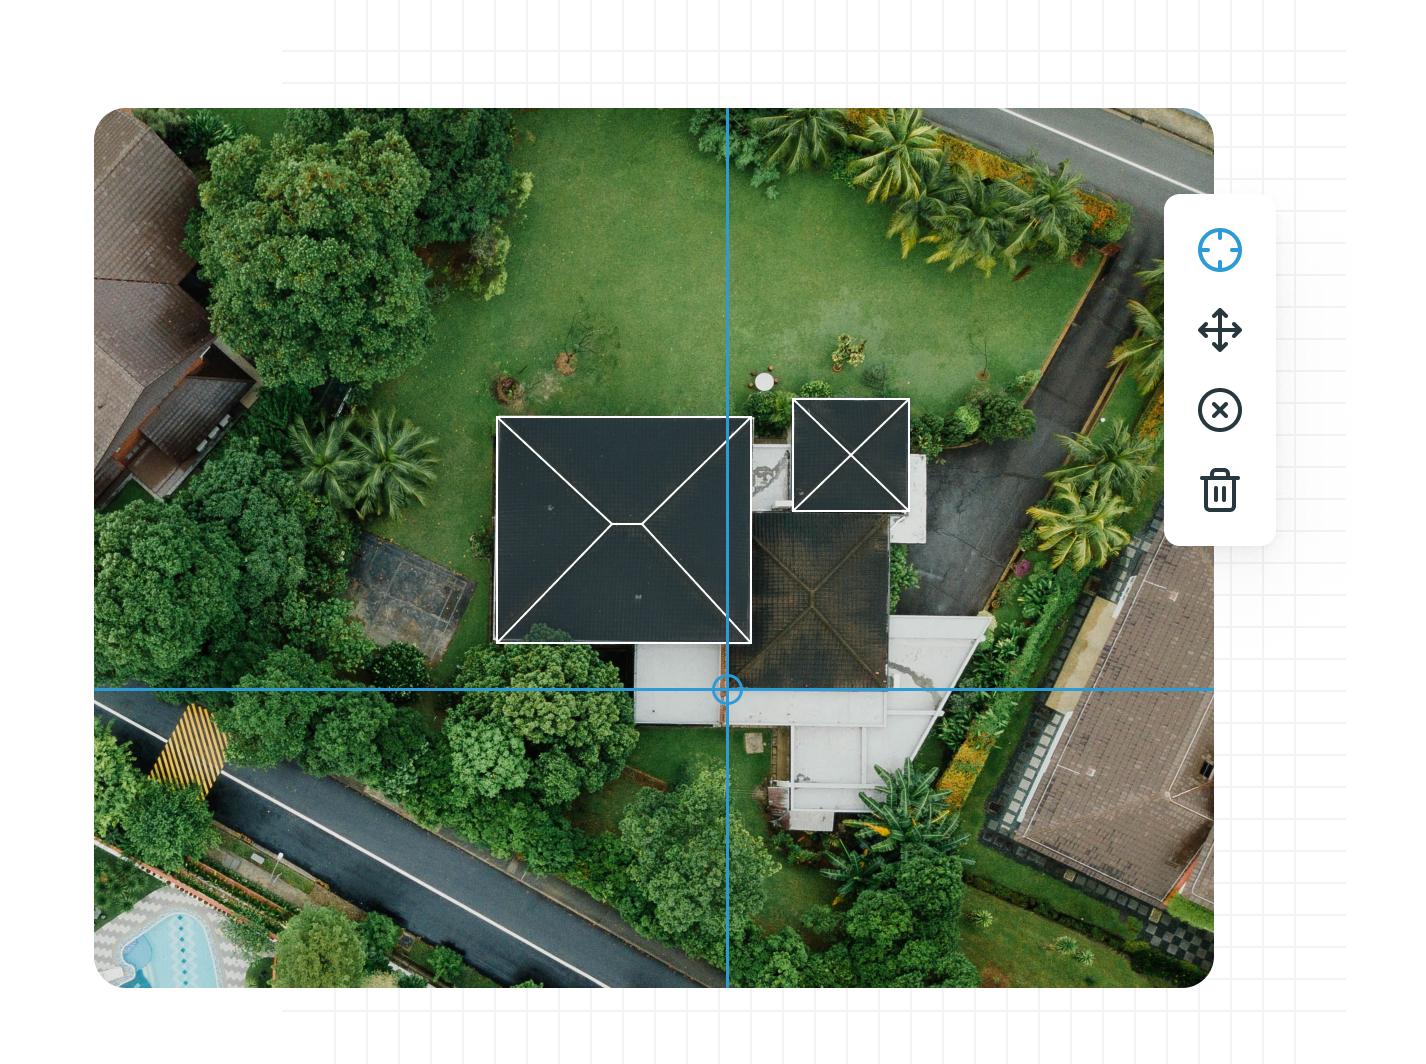 Roofr measurement software